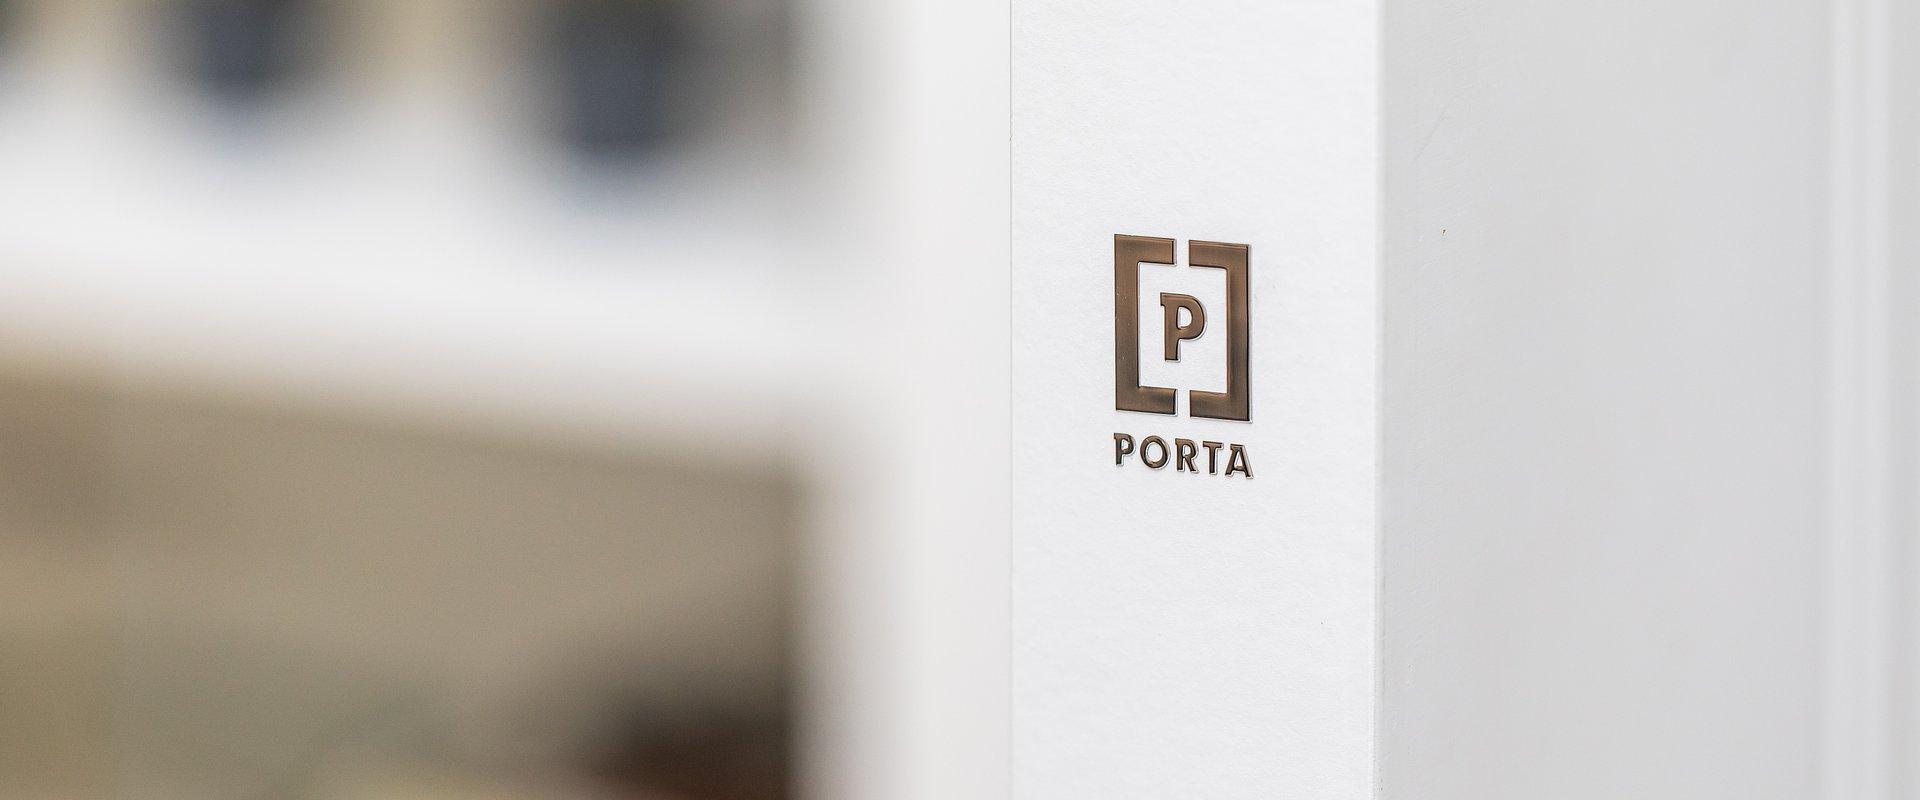 Powstanie nowy zakład produkcyjny PORTA na Mazurach